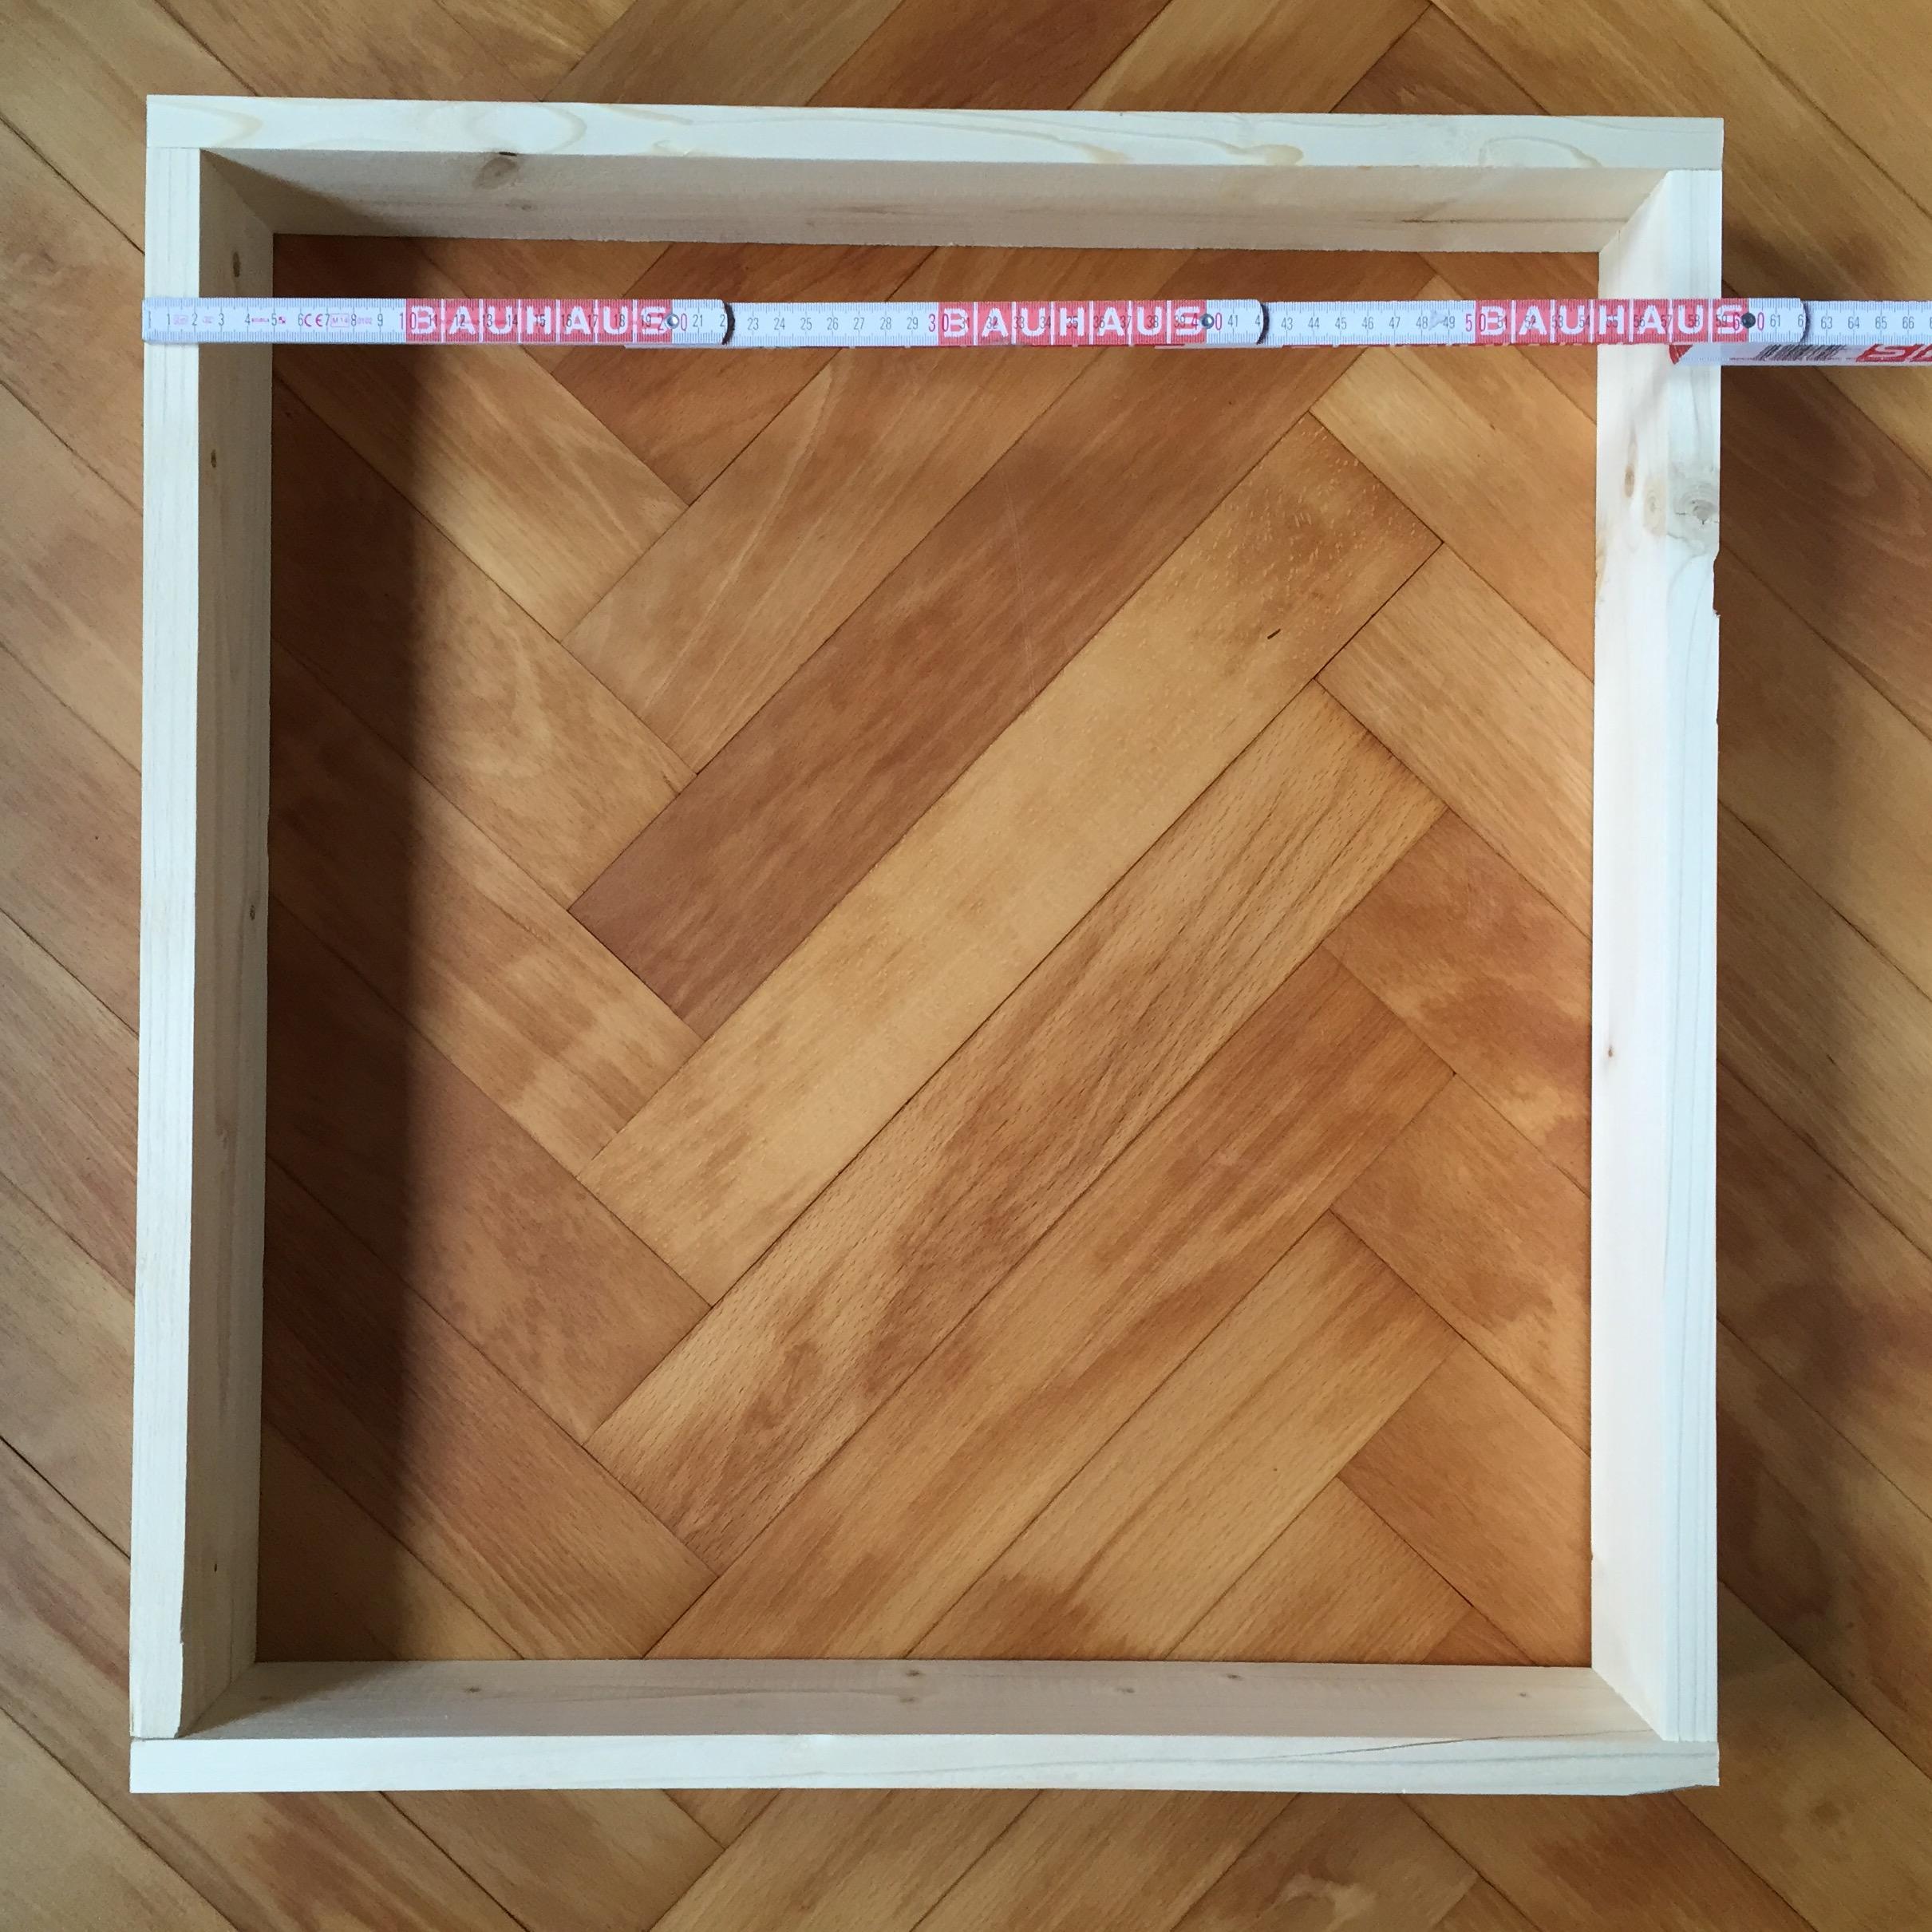 Der fertige Rahmen hat die Maße 60 x 64 cm. – Kompostherstellung